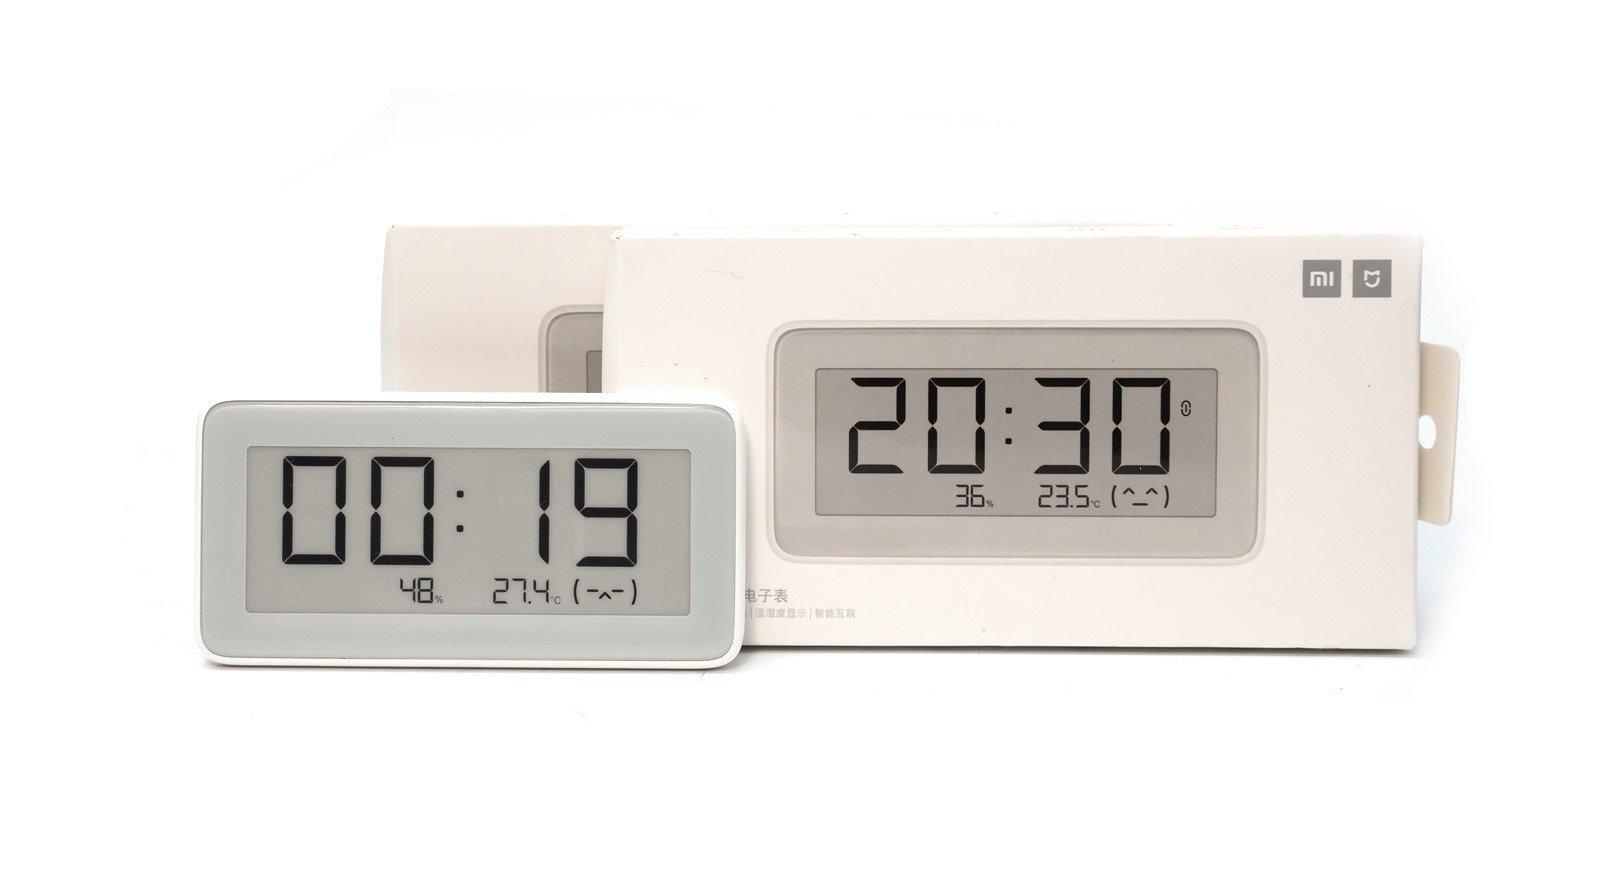 【開箱】美型小米米家溫濕監測電子錶 – 電子紙打造溫濕度時鐘